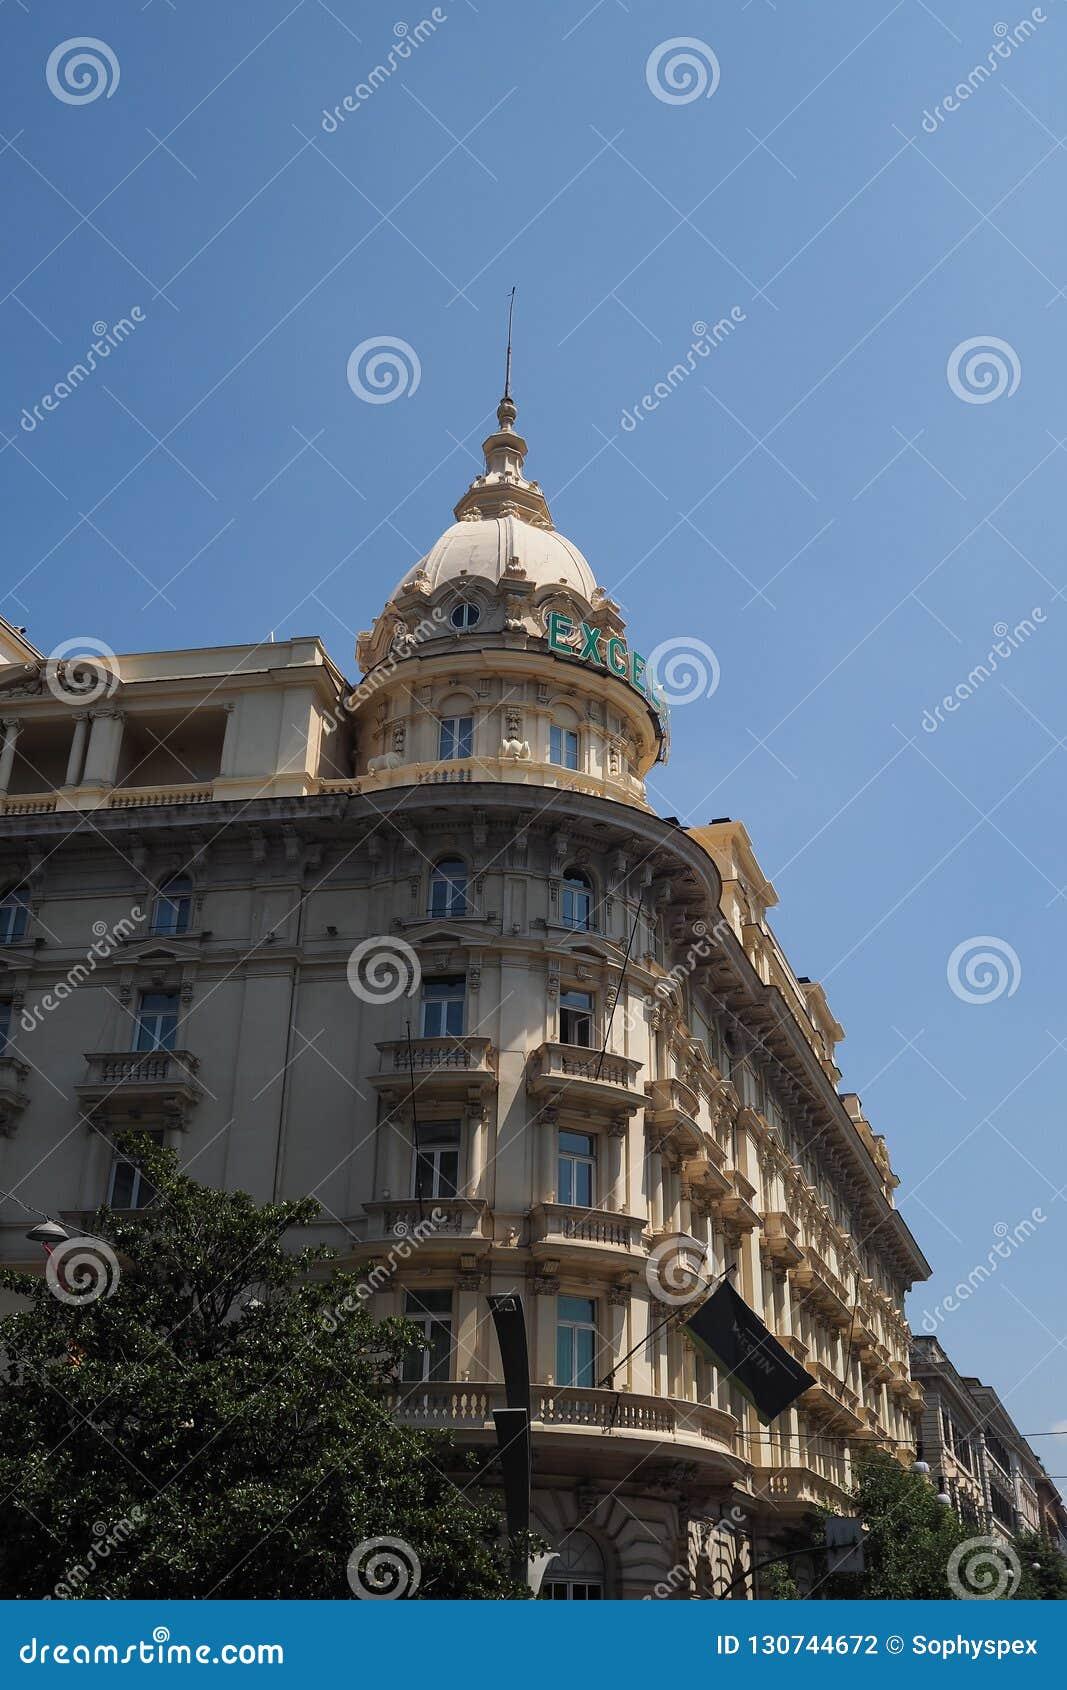 Canto abobadado do hotel excelsior, Roma, Itália